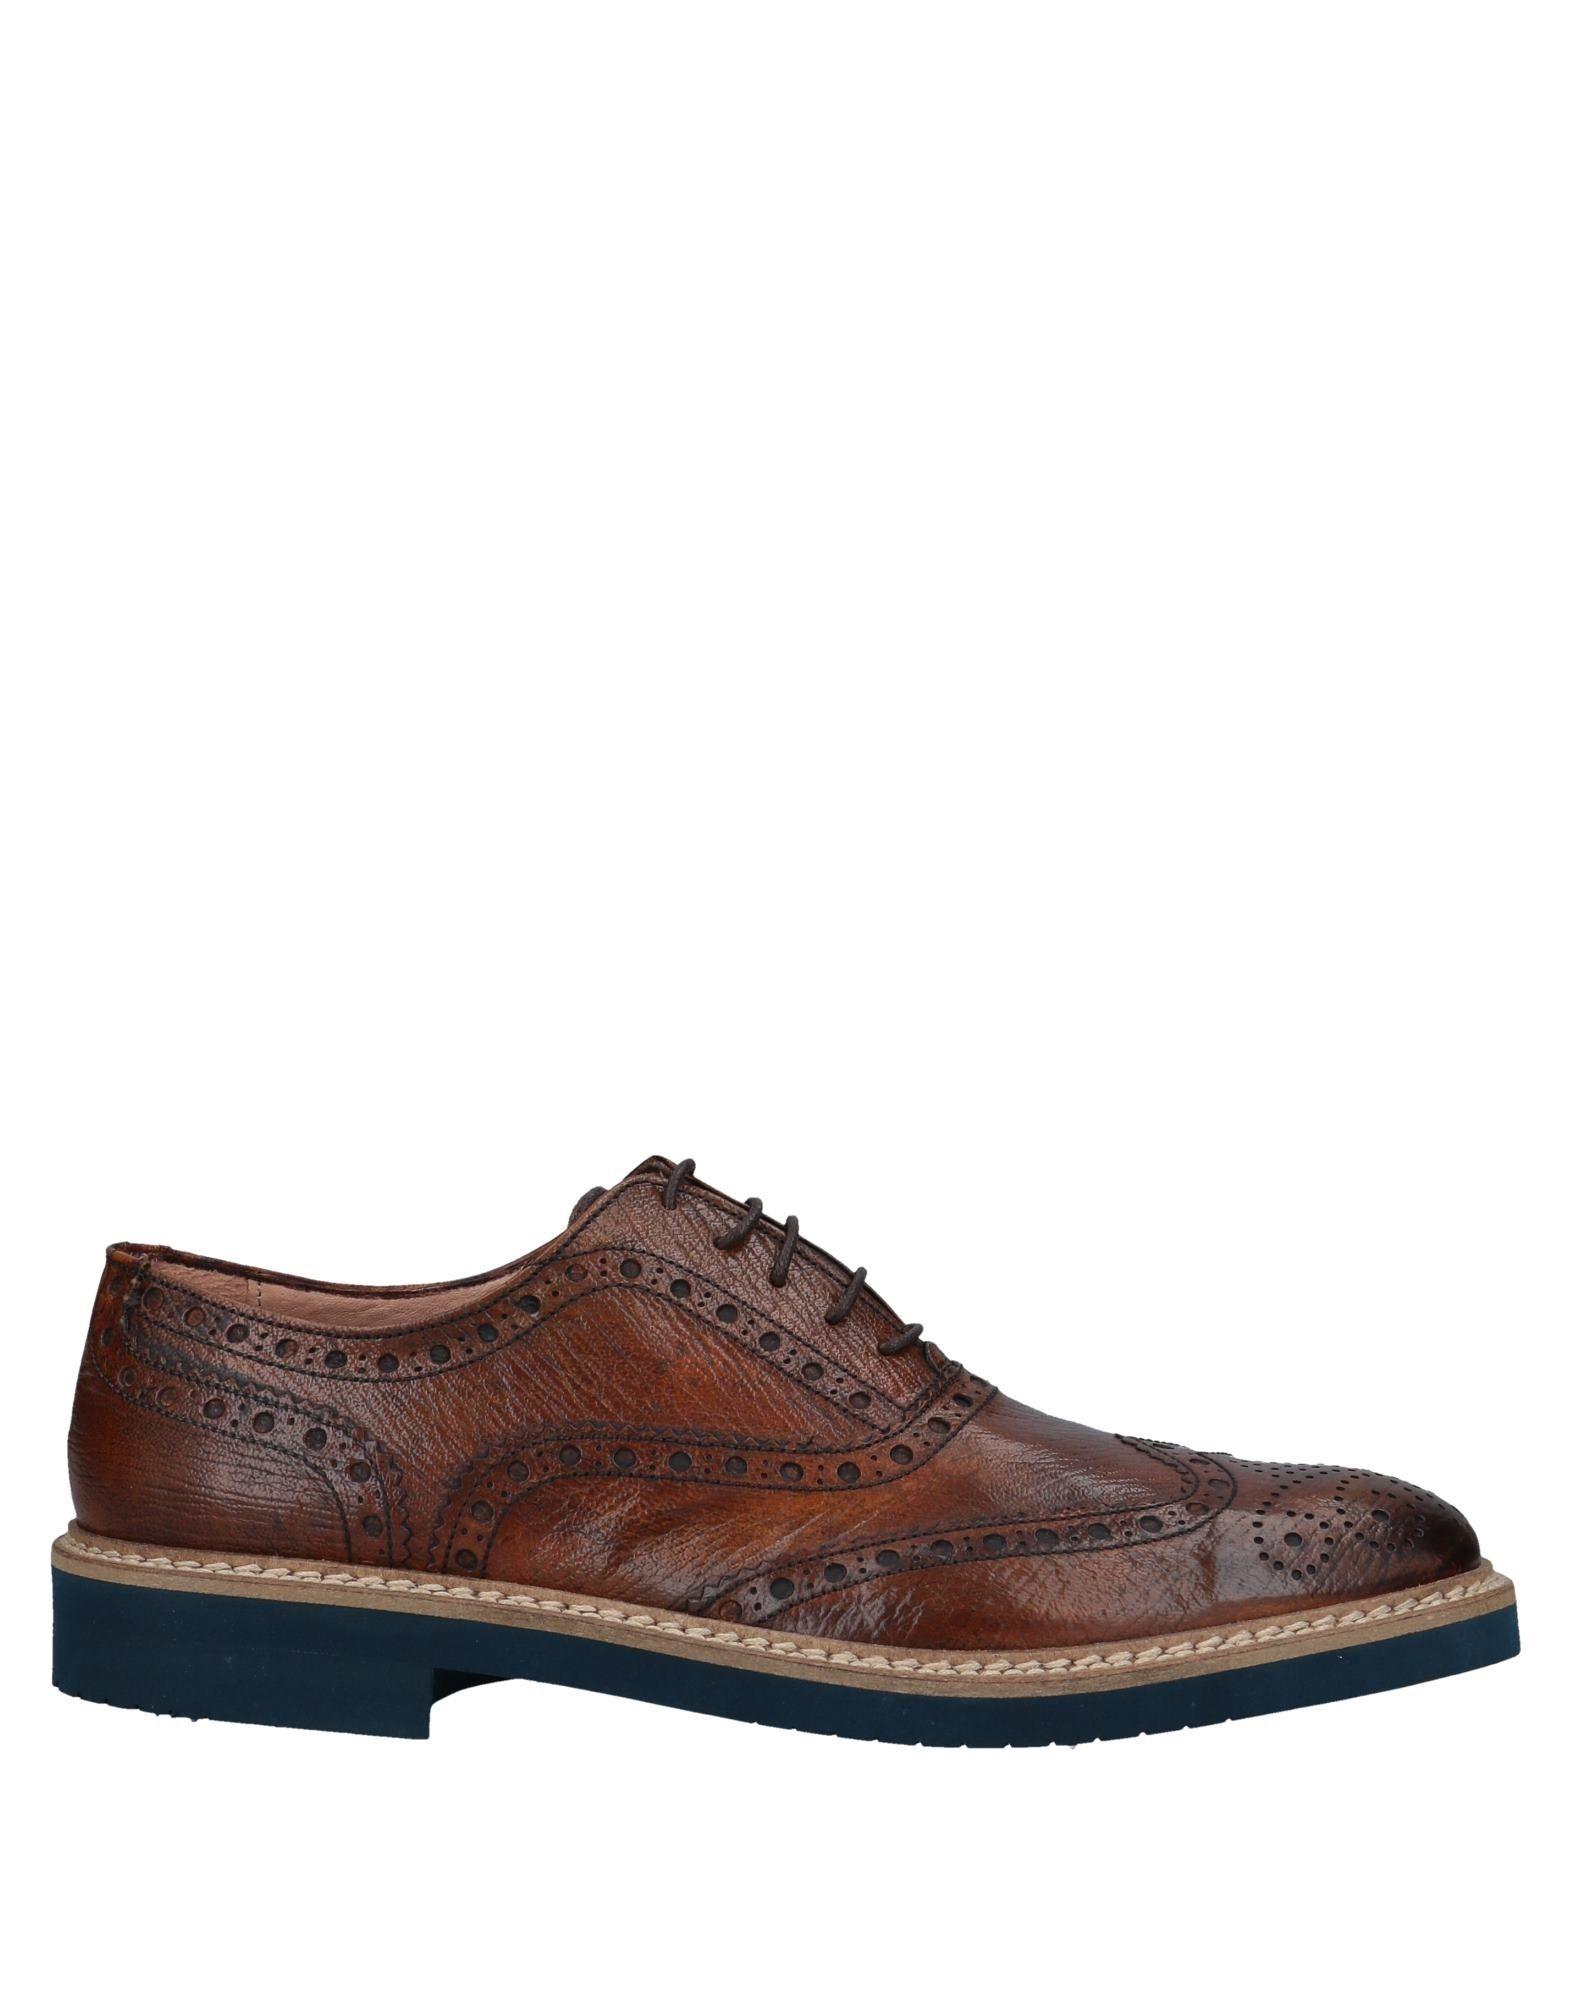 Baldinini Schnürschuhe Herren  11554903TI Gute Qualität beliebte Schuhe